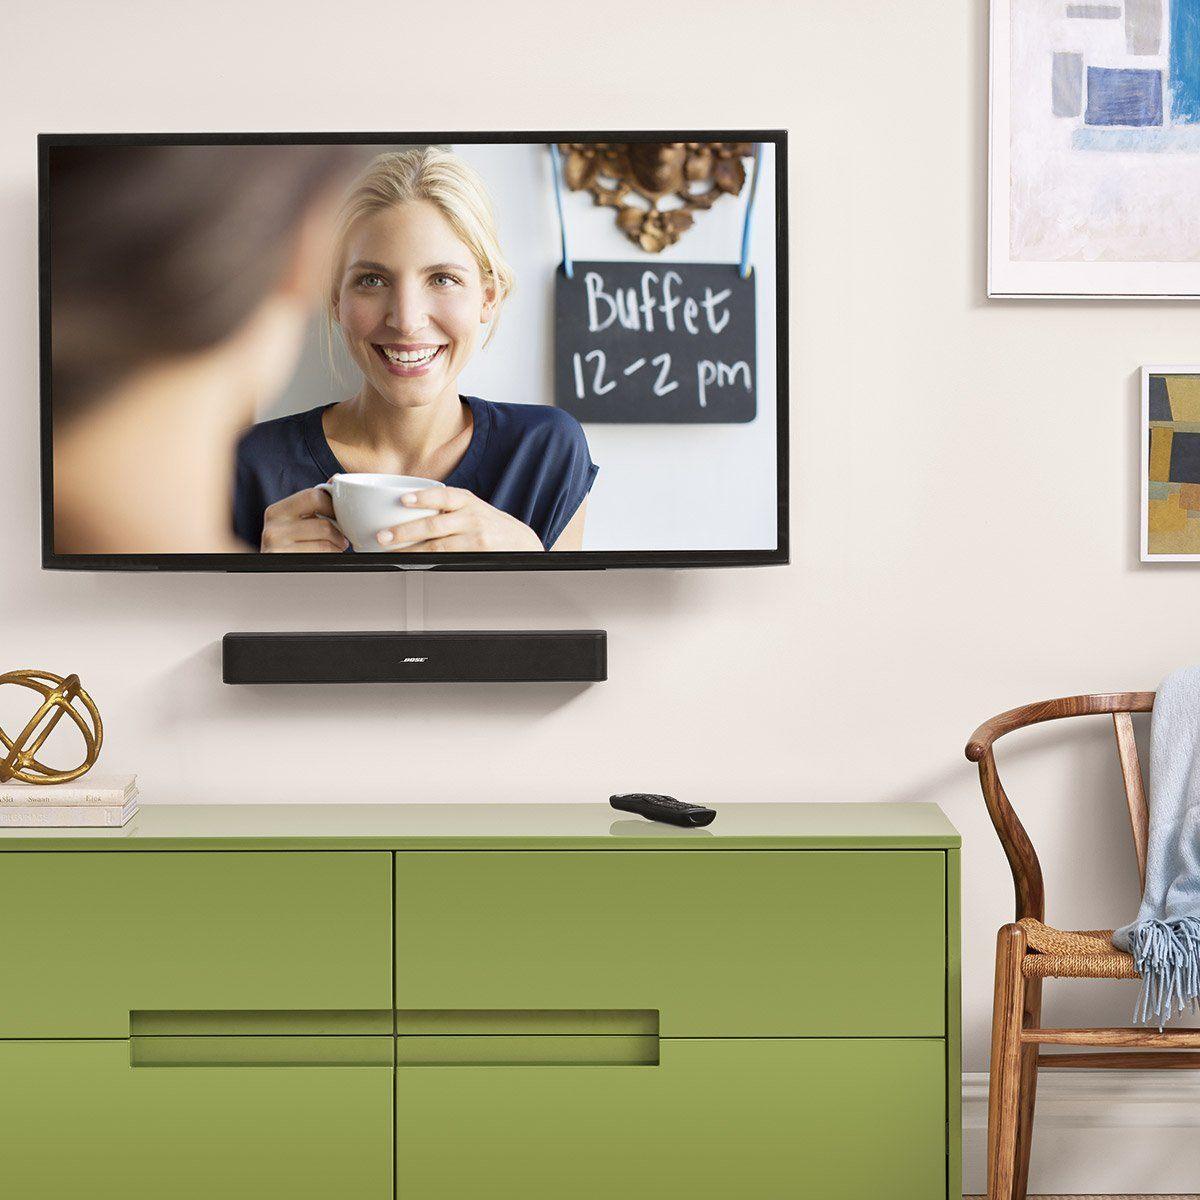 tv wandhalterung test 2018 die 10 besten tv wandhalterungen im vergleich. Black Bedroom Furniture Sets. Home Design Ideas